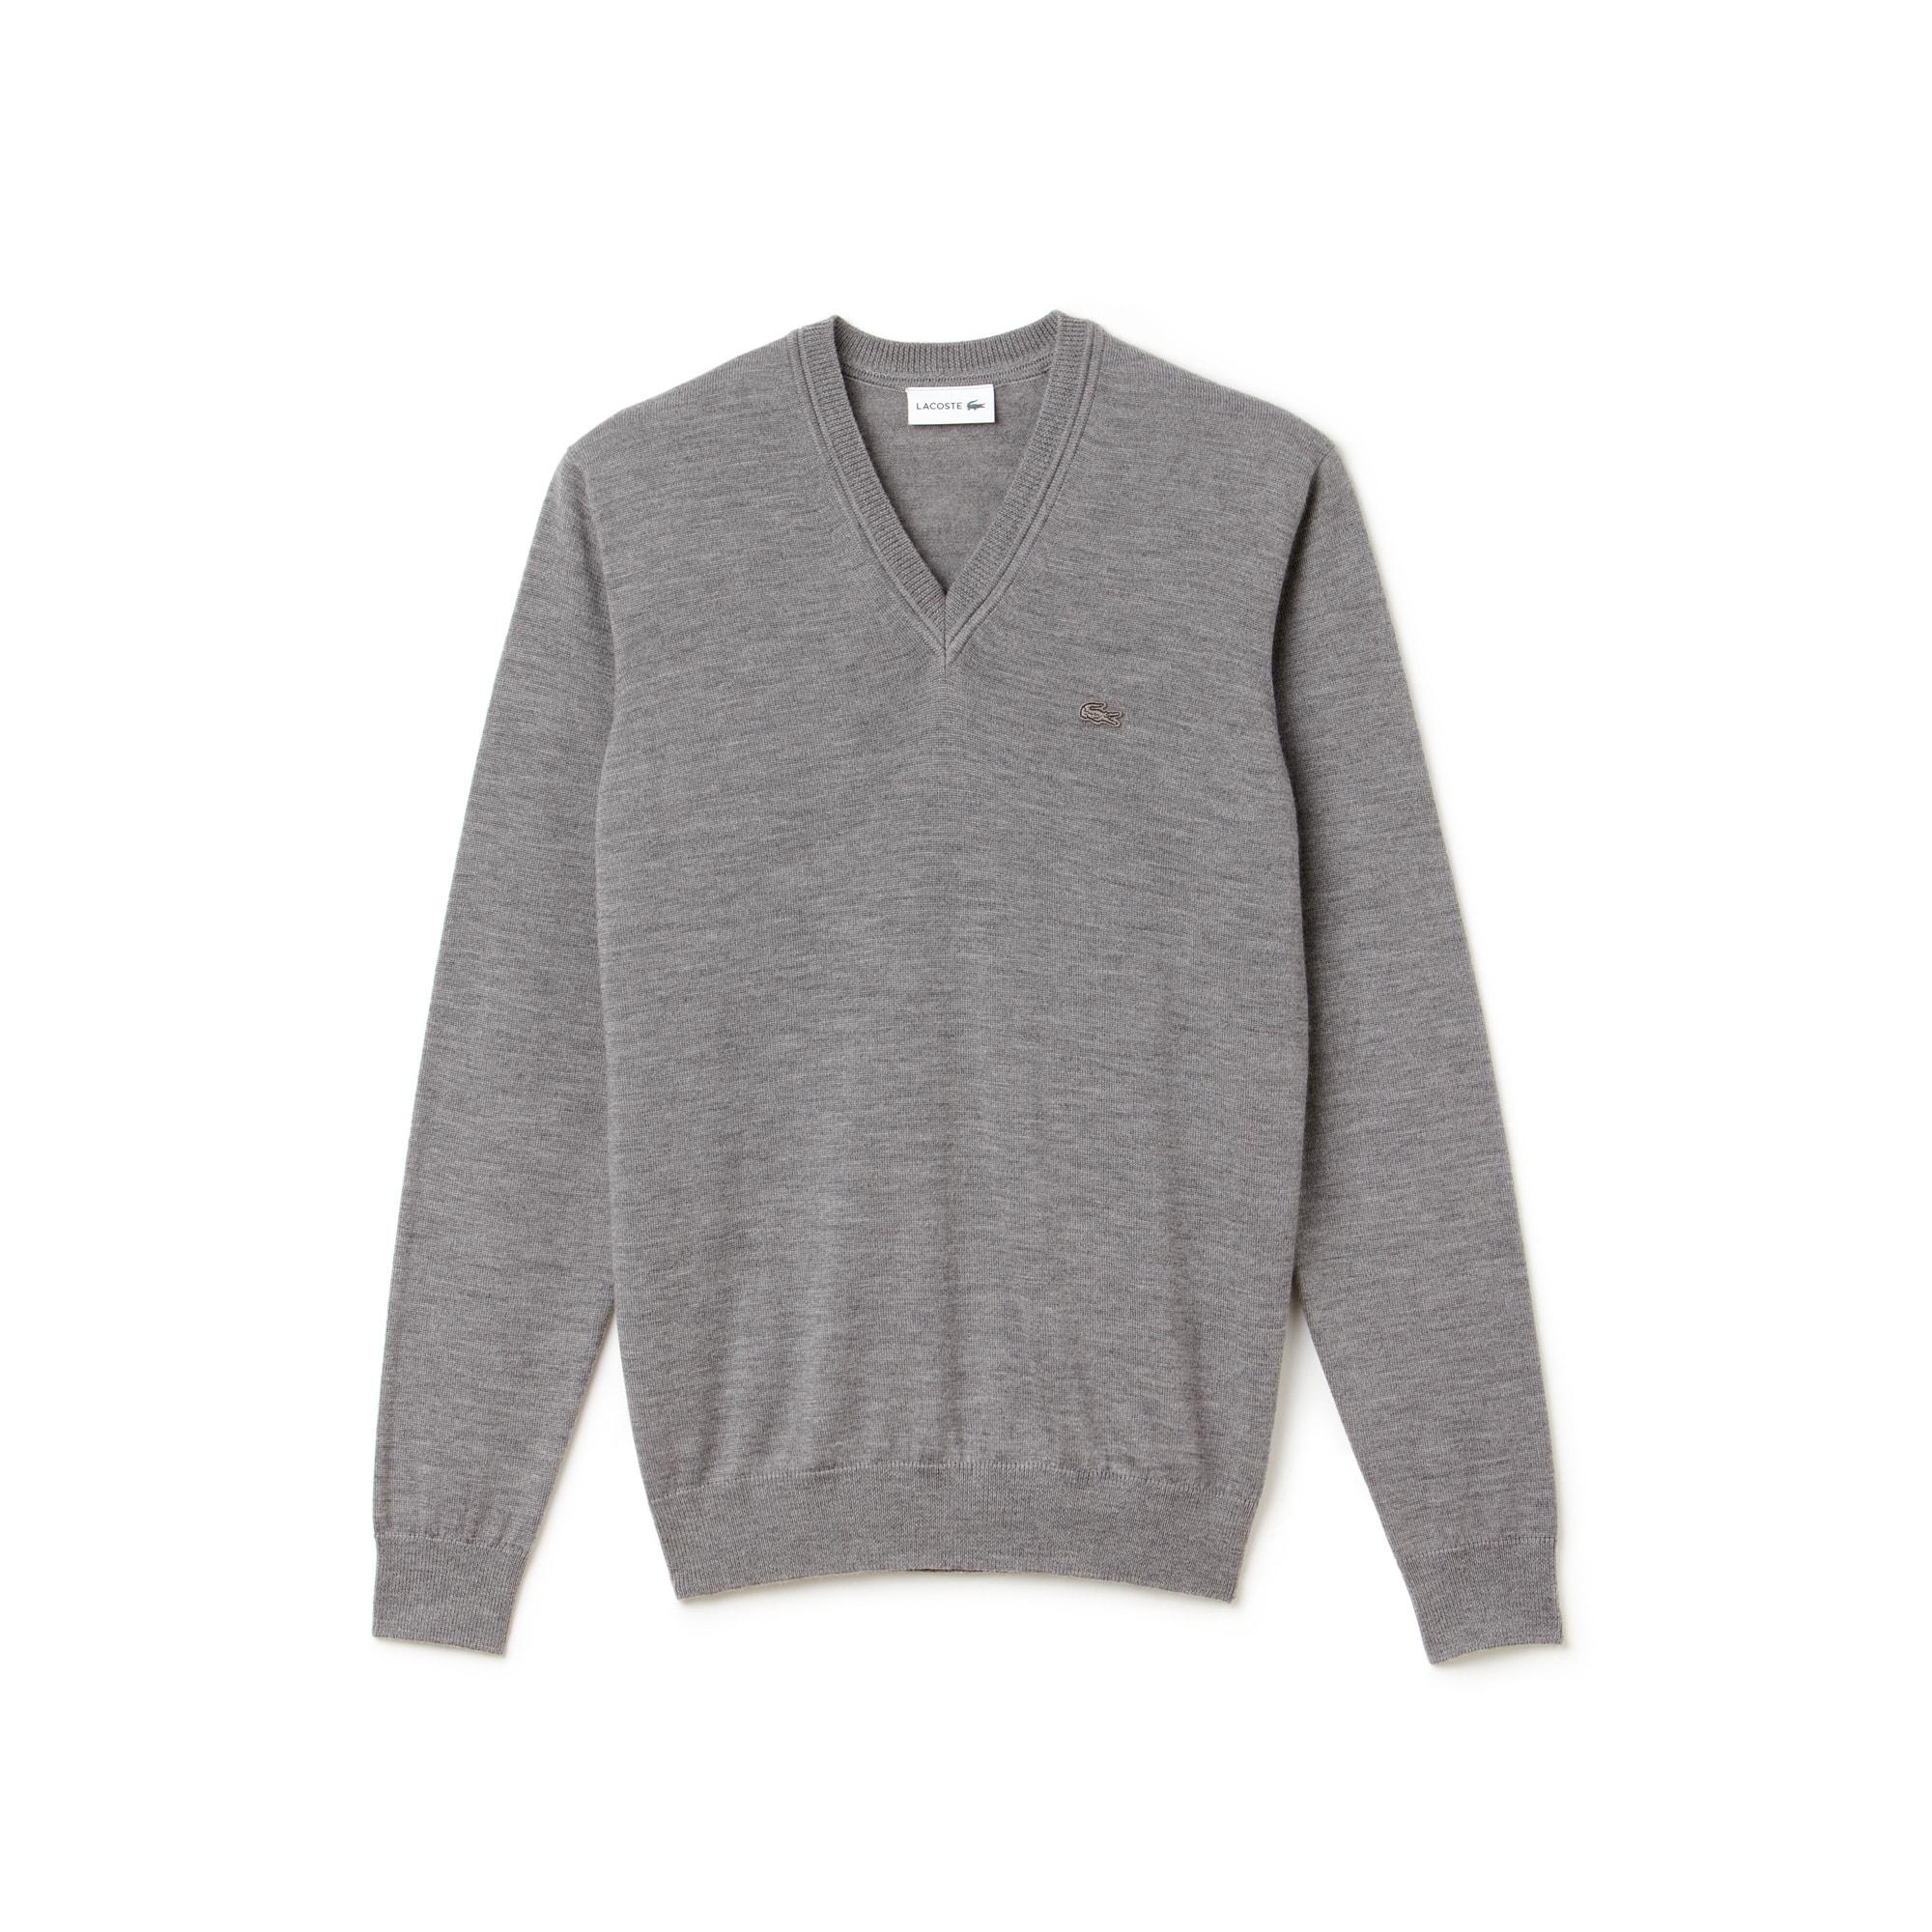 Herren-Pullover aus Woll-Jersey mit V-Ausschnitt